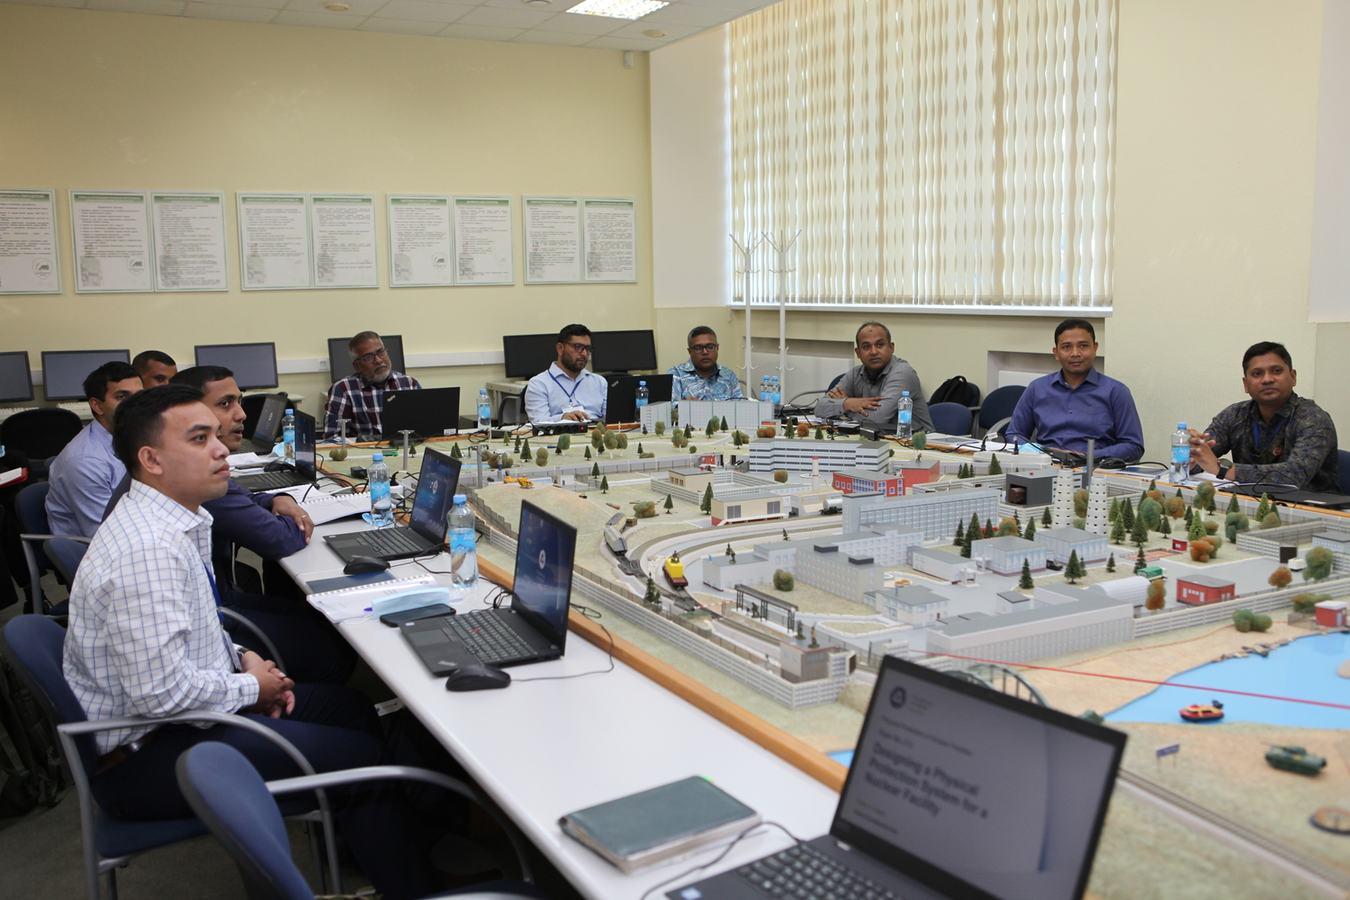 Завершился международный учебный курс по физической защите ядерных объектов для представителей Армии Бангладеш